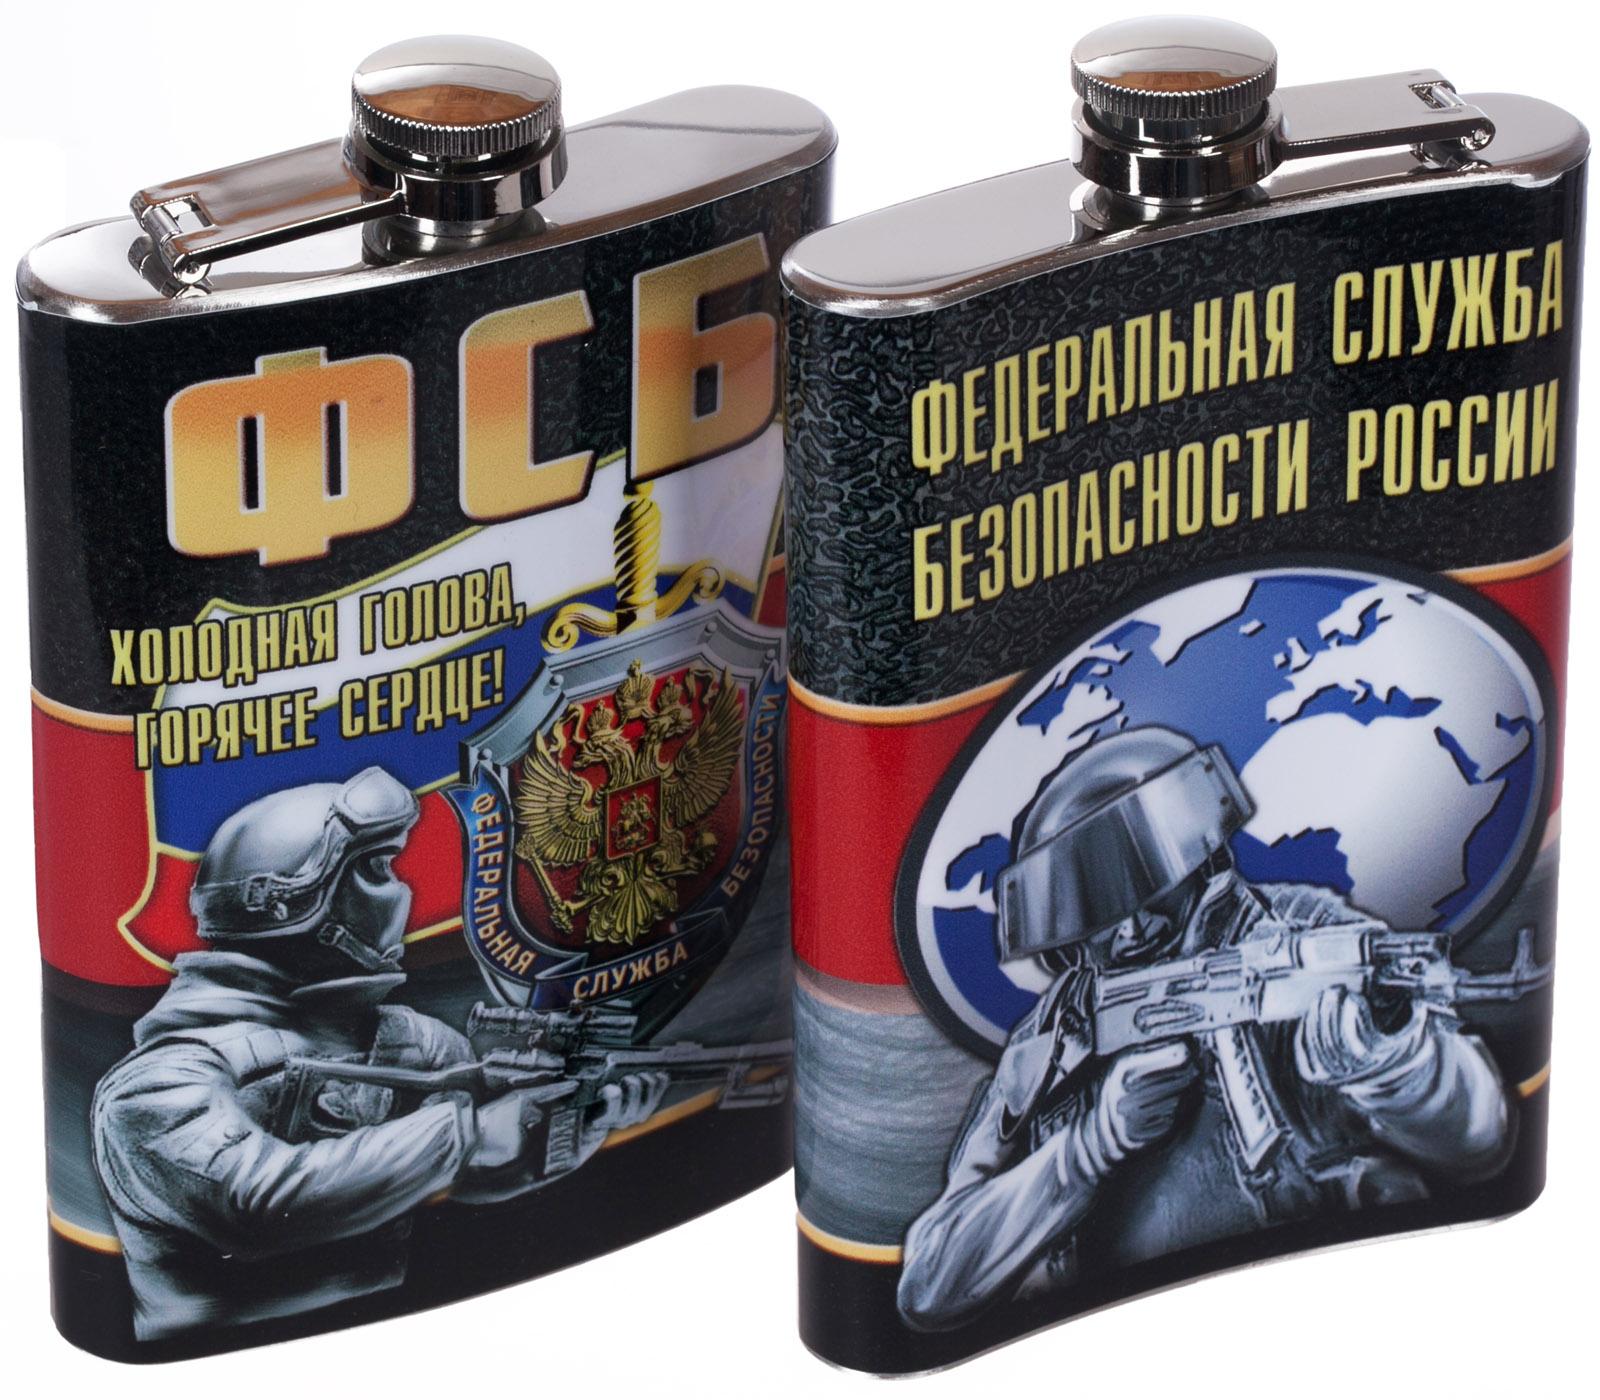 """Купить фляжку """"ФСБ России"""" по сбалансированной цене"""